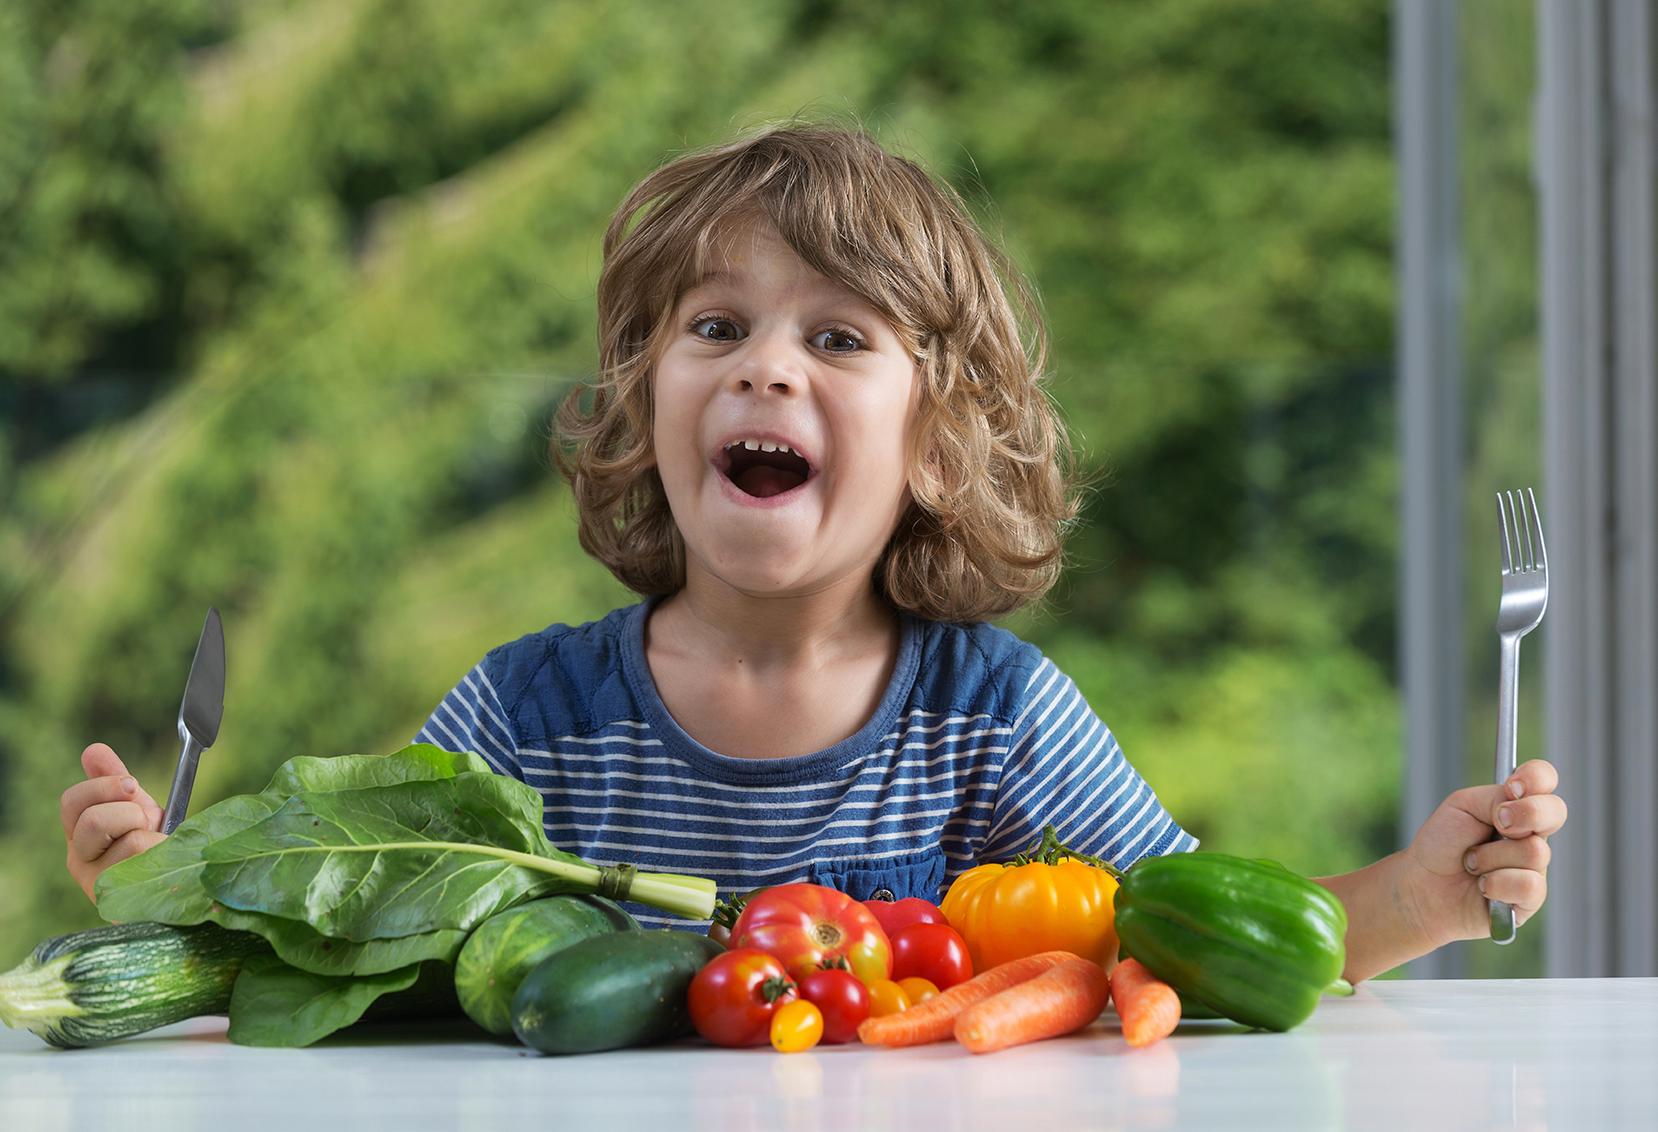 Saiba Como Ensinar Seu Filho A Comer De Forma Saudável